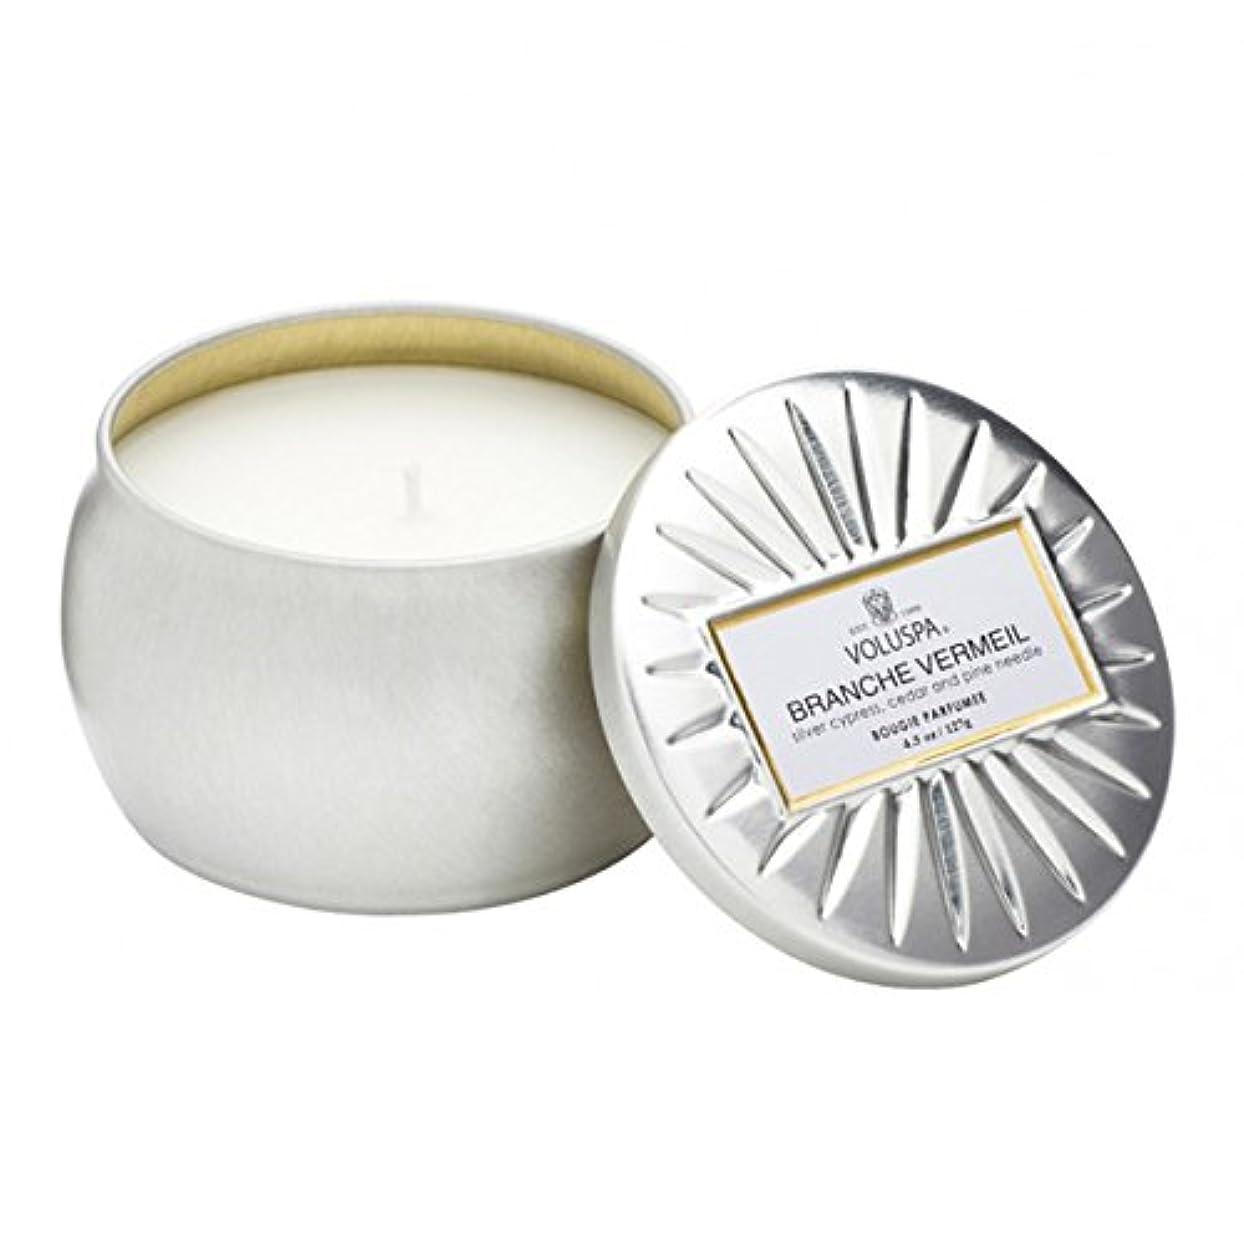 変更可能入場ペネロペVoluspa ボルスパ ヴァーメイル ティンキャンドル  S フ?ランチヴァーメイル BRANCHE VERMEIL VERMEIL PETITE Tin Glass Candle